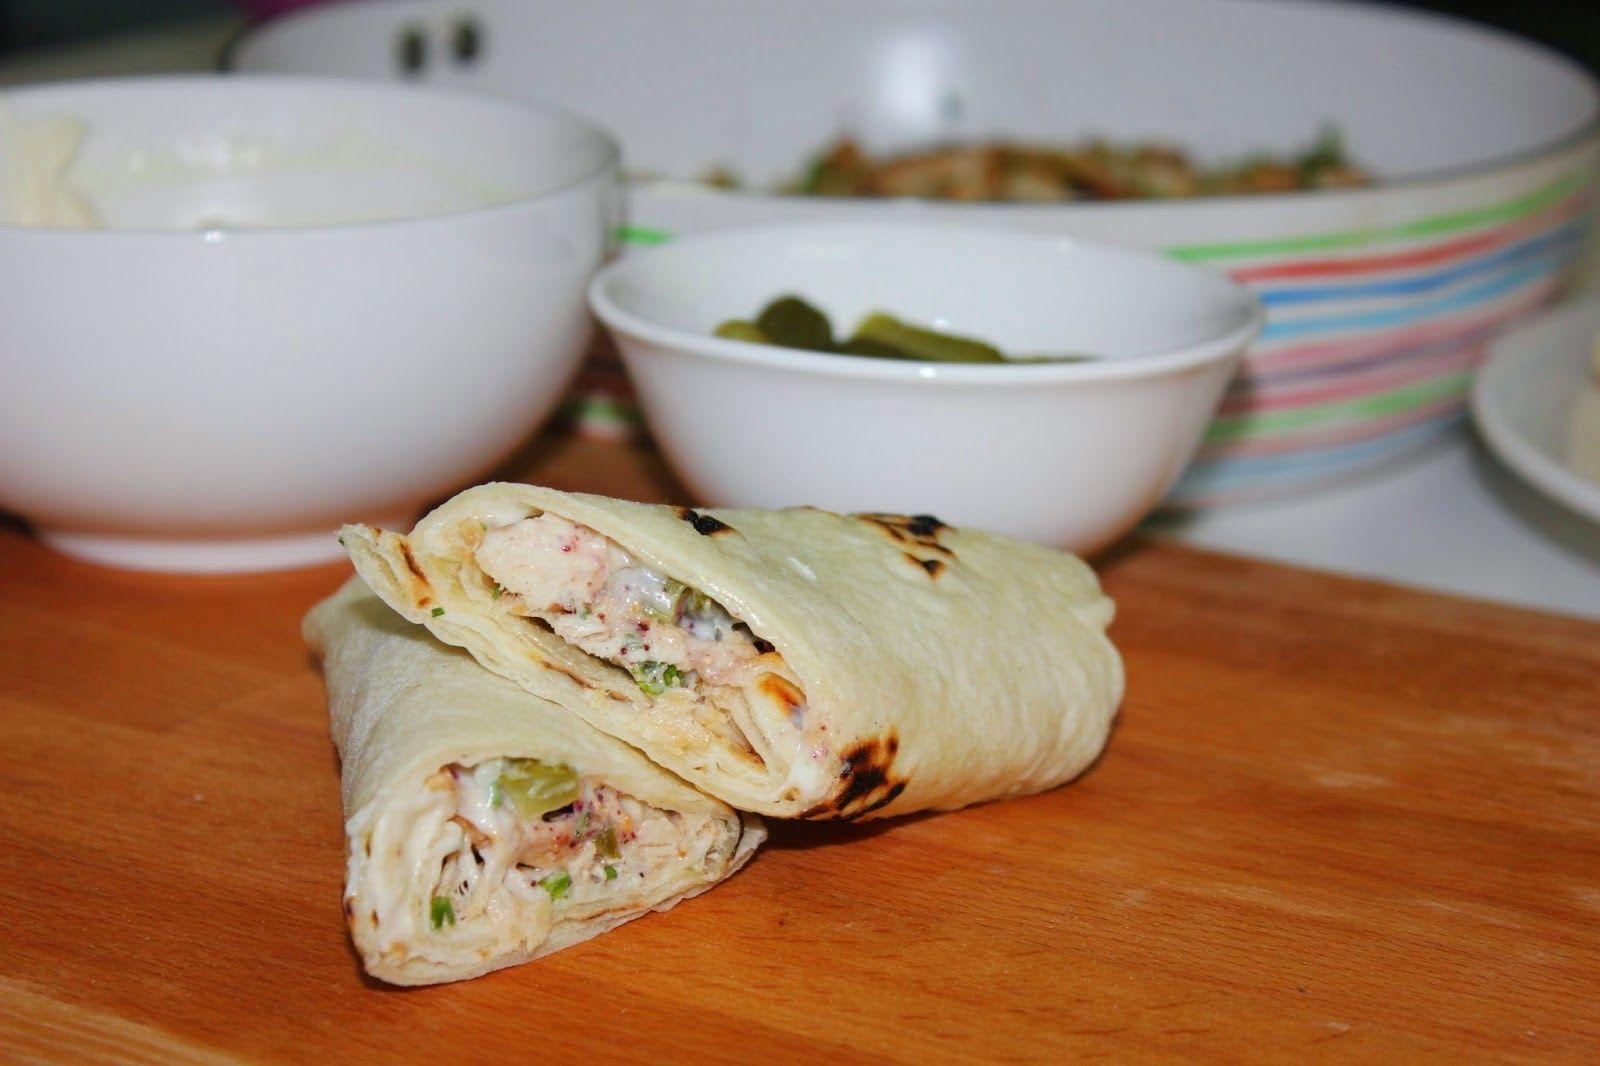 طريقة عمل الشاورما على طريقتي وطريقة عمل خبز التورتيلا للشاورما بالصور Recipes Food Middle Eastern Recipes